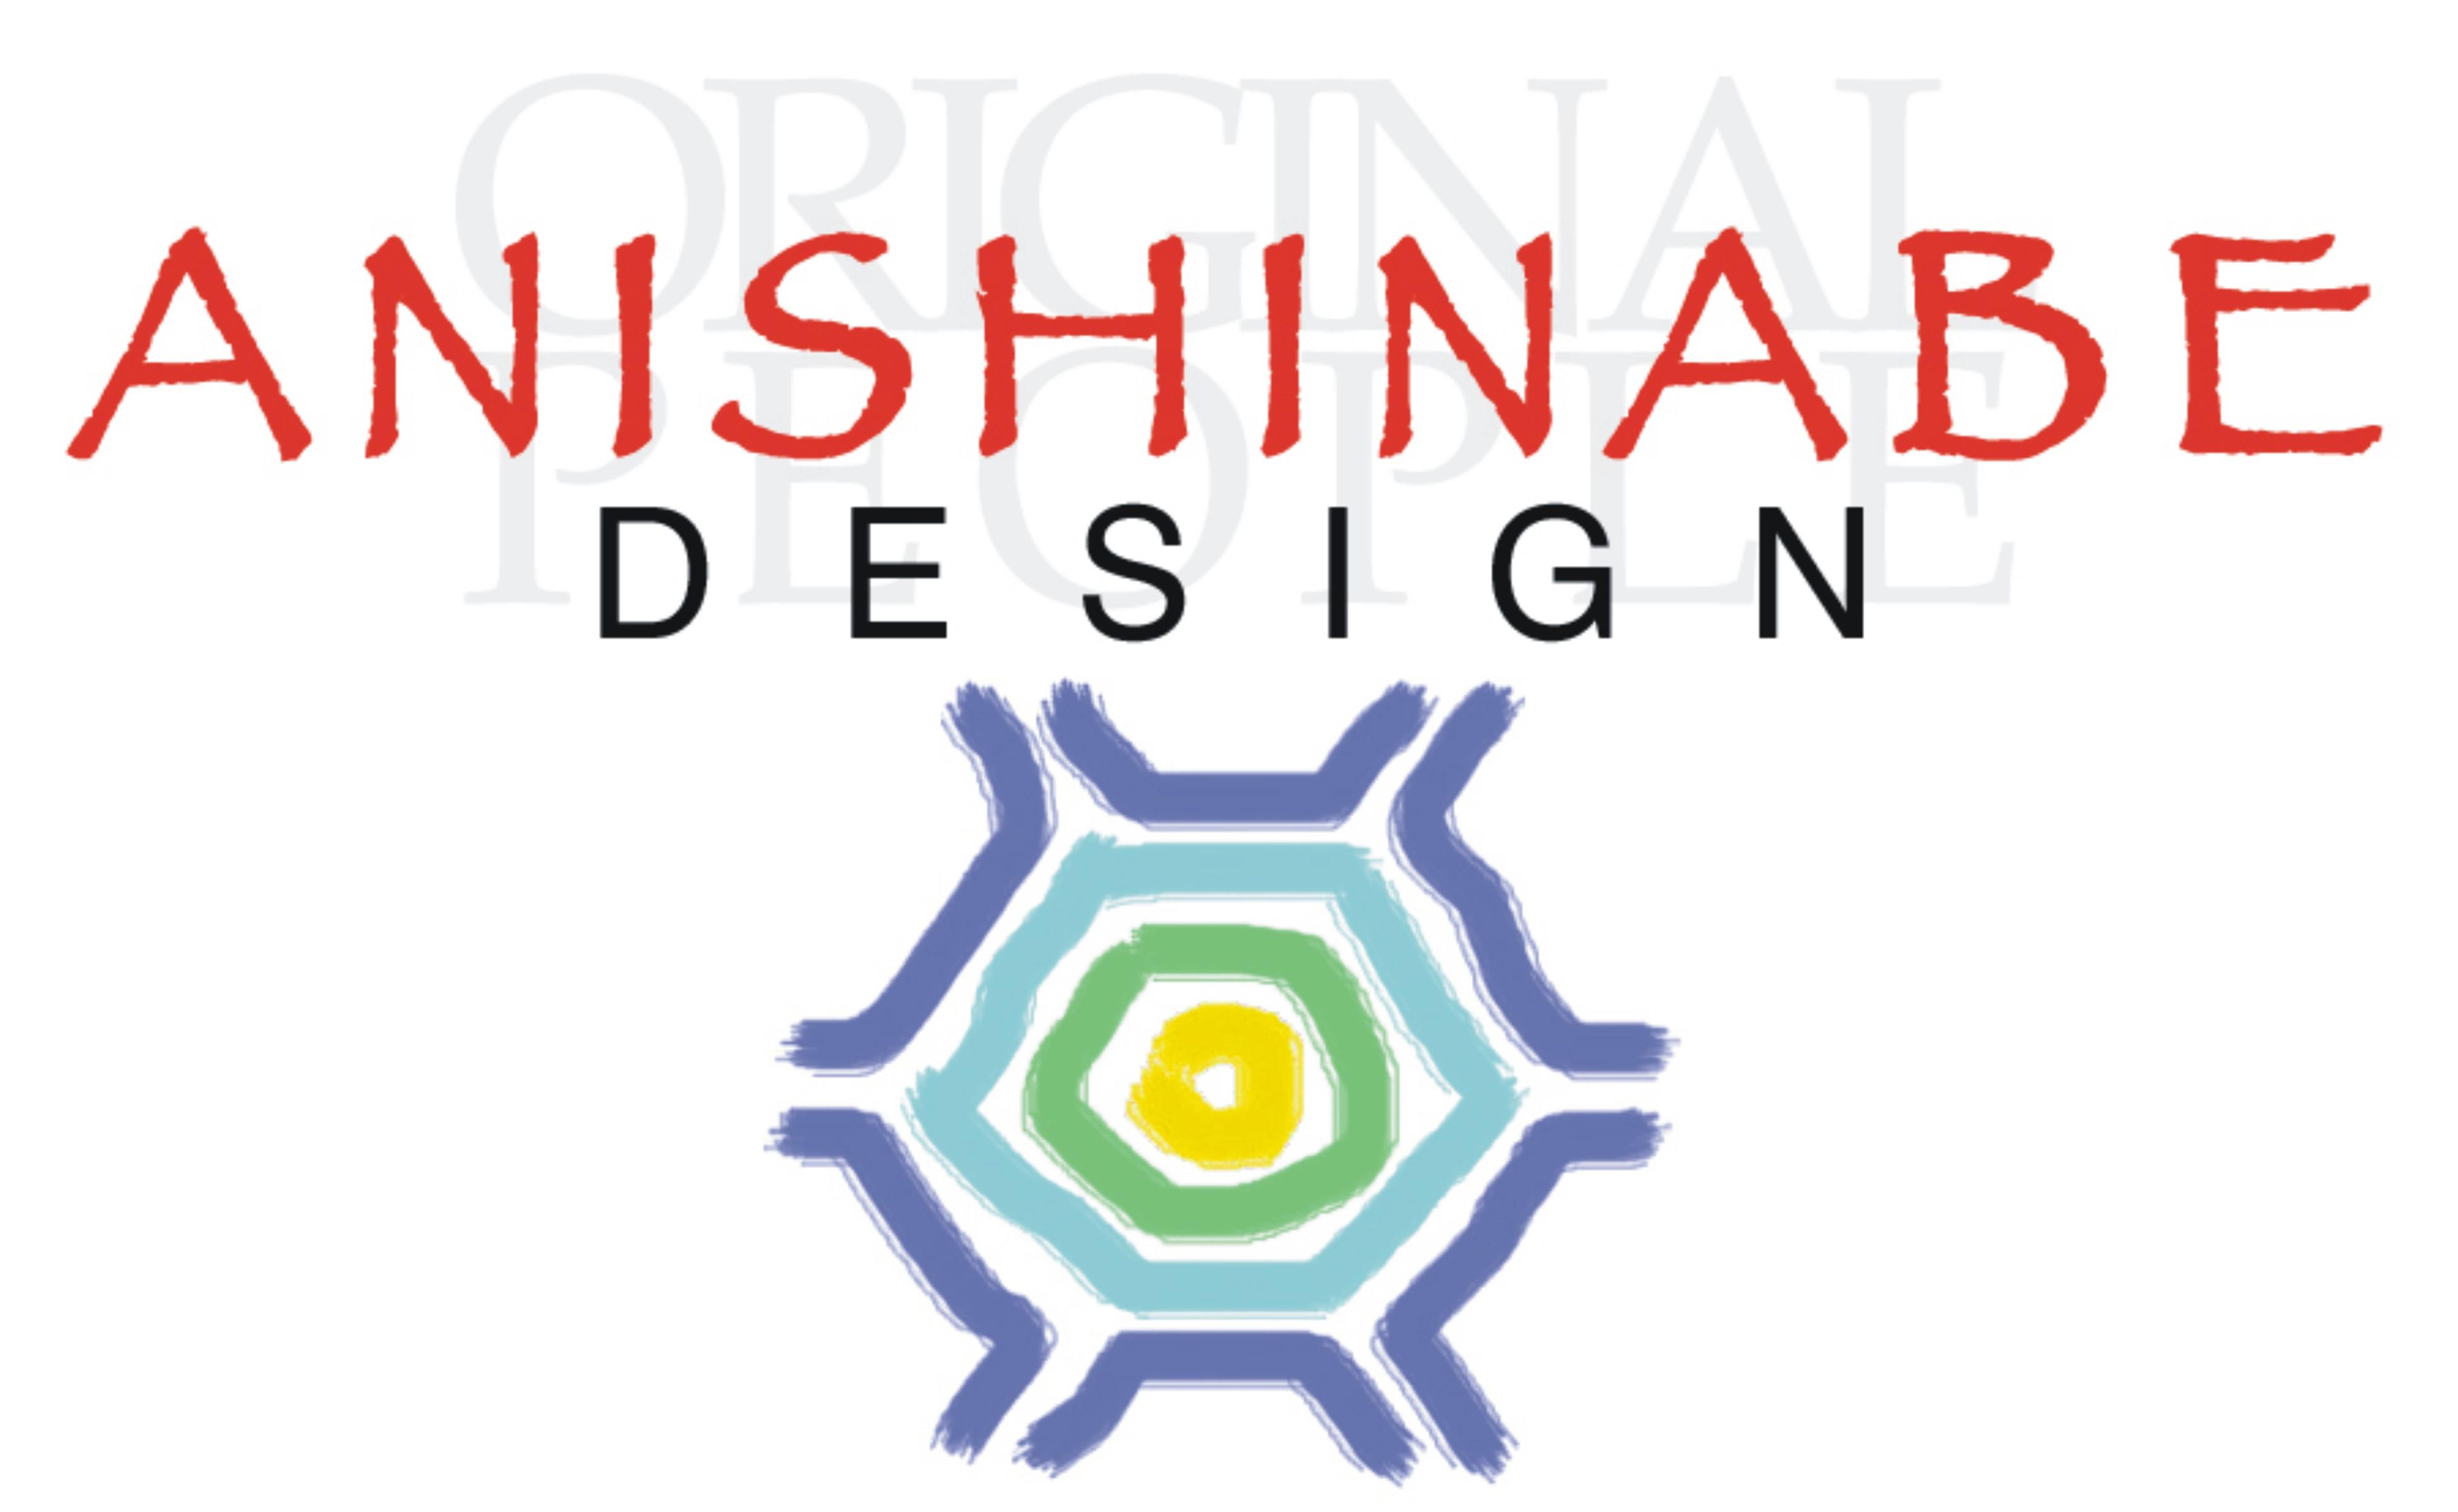 Anishinabe Design